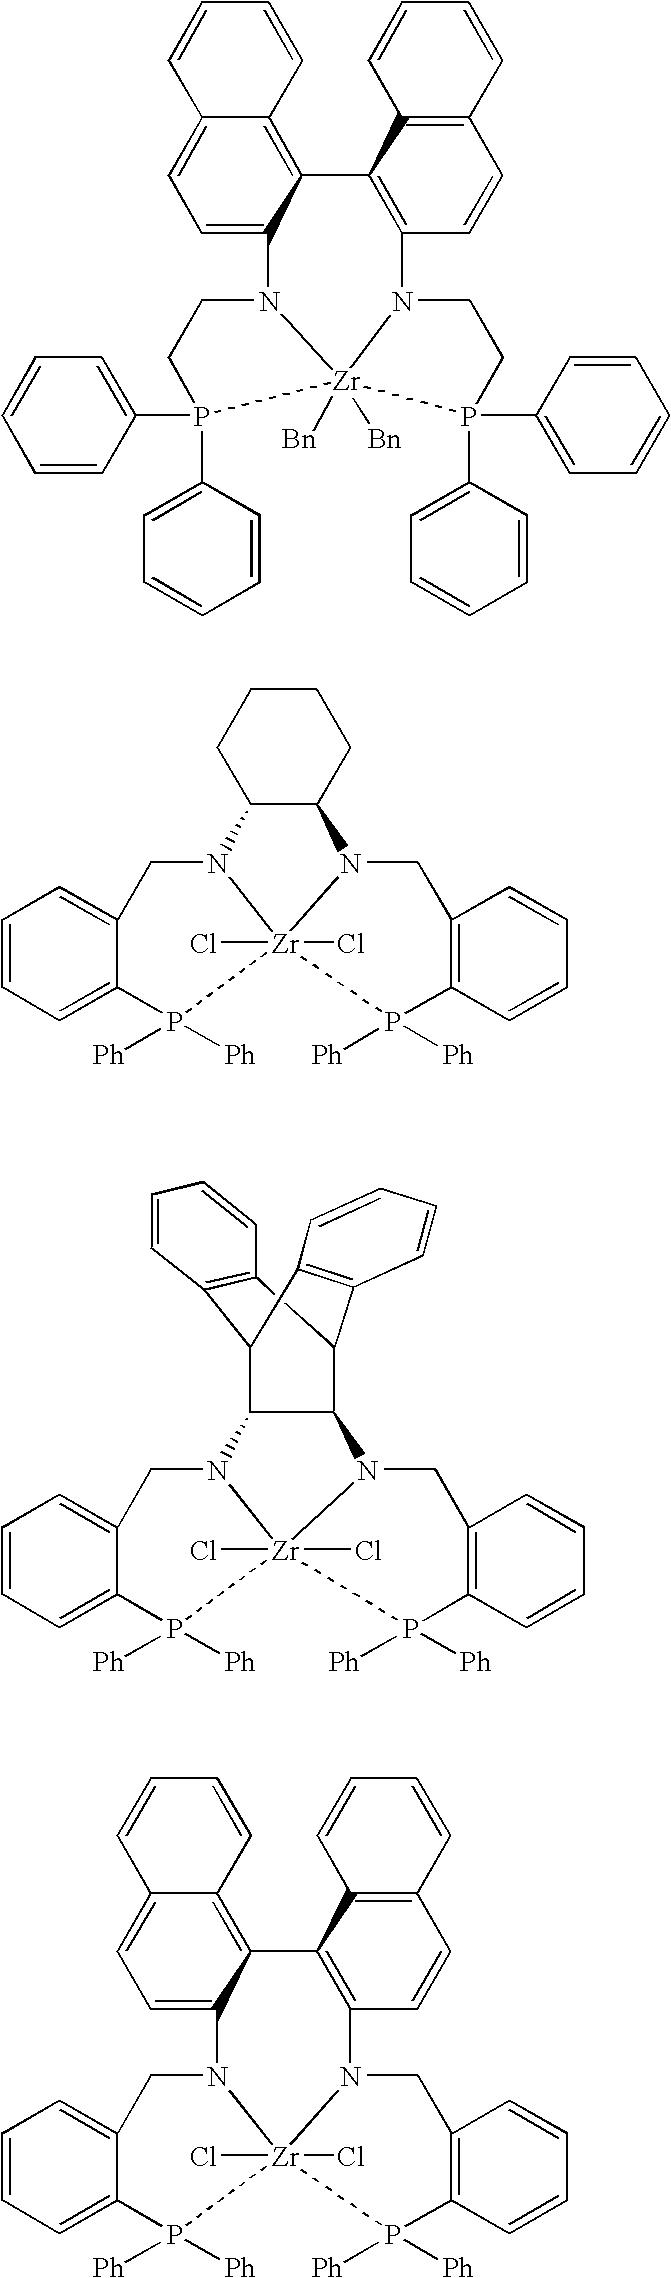 Figure US20060135352A1-20060622-C00022